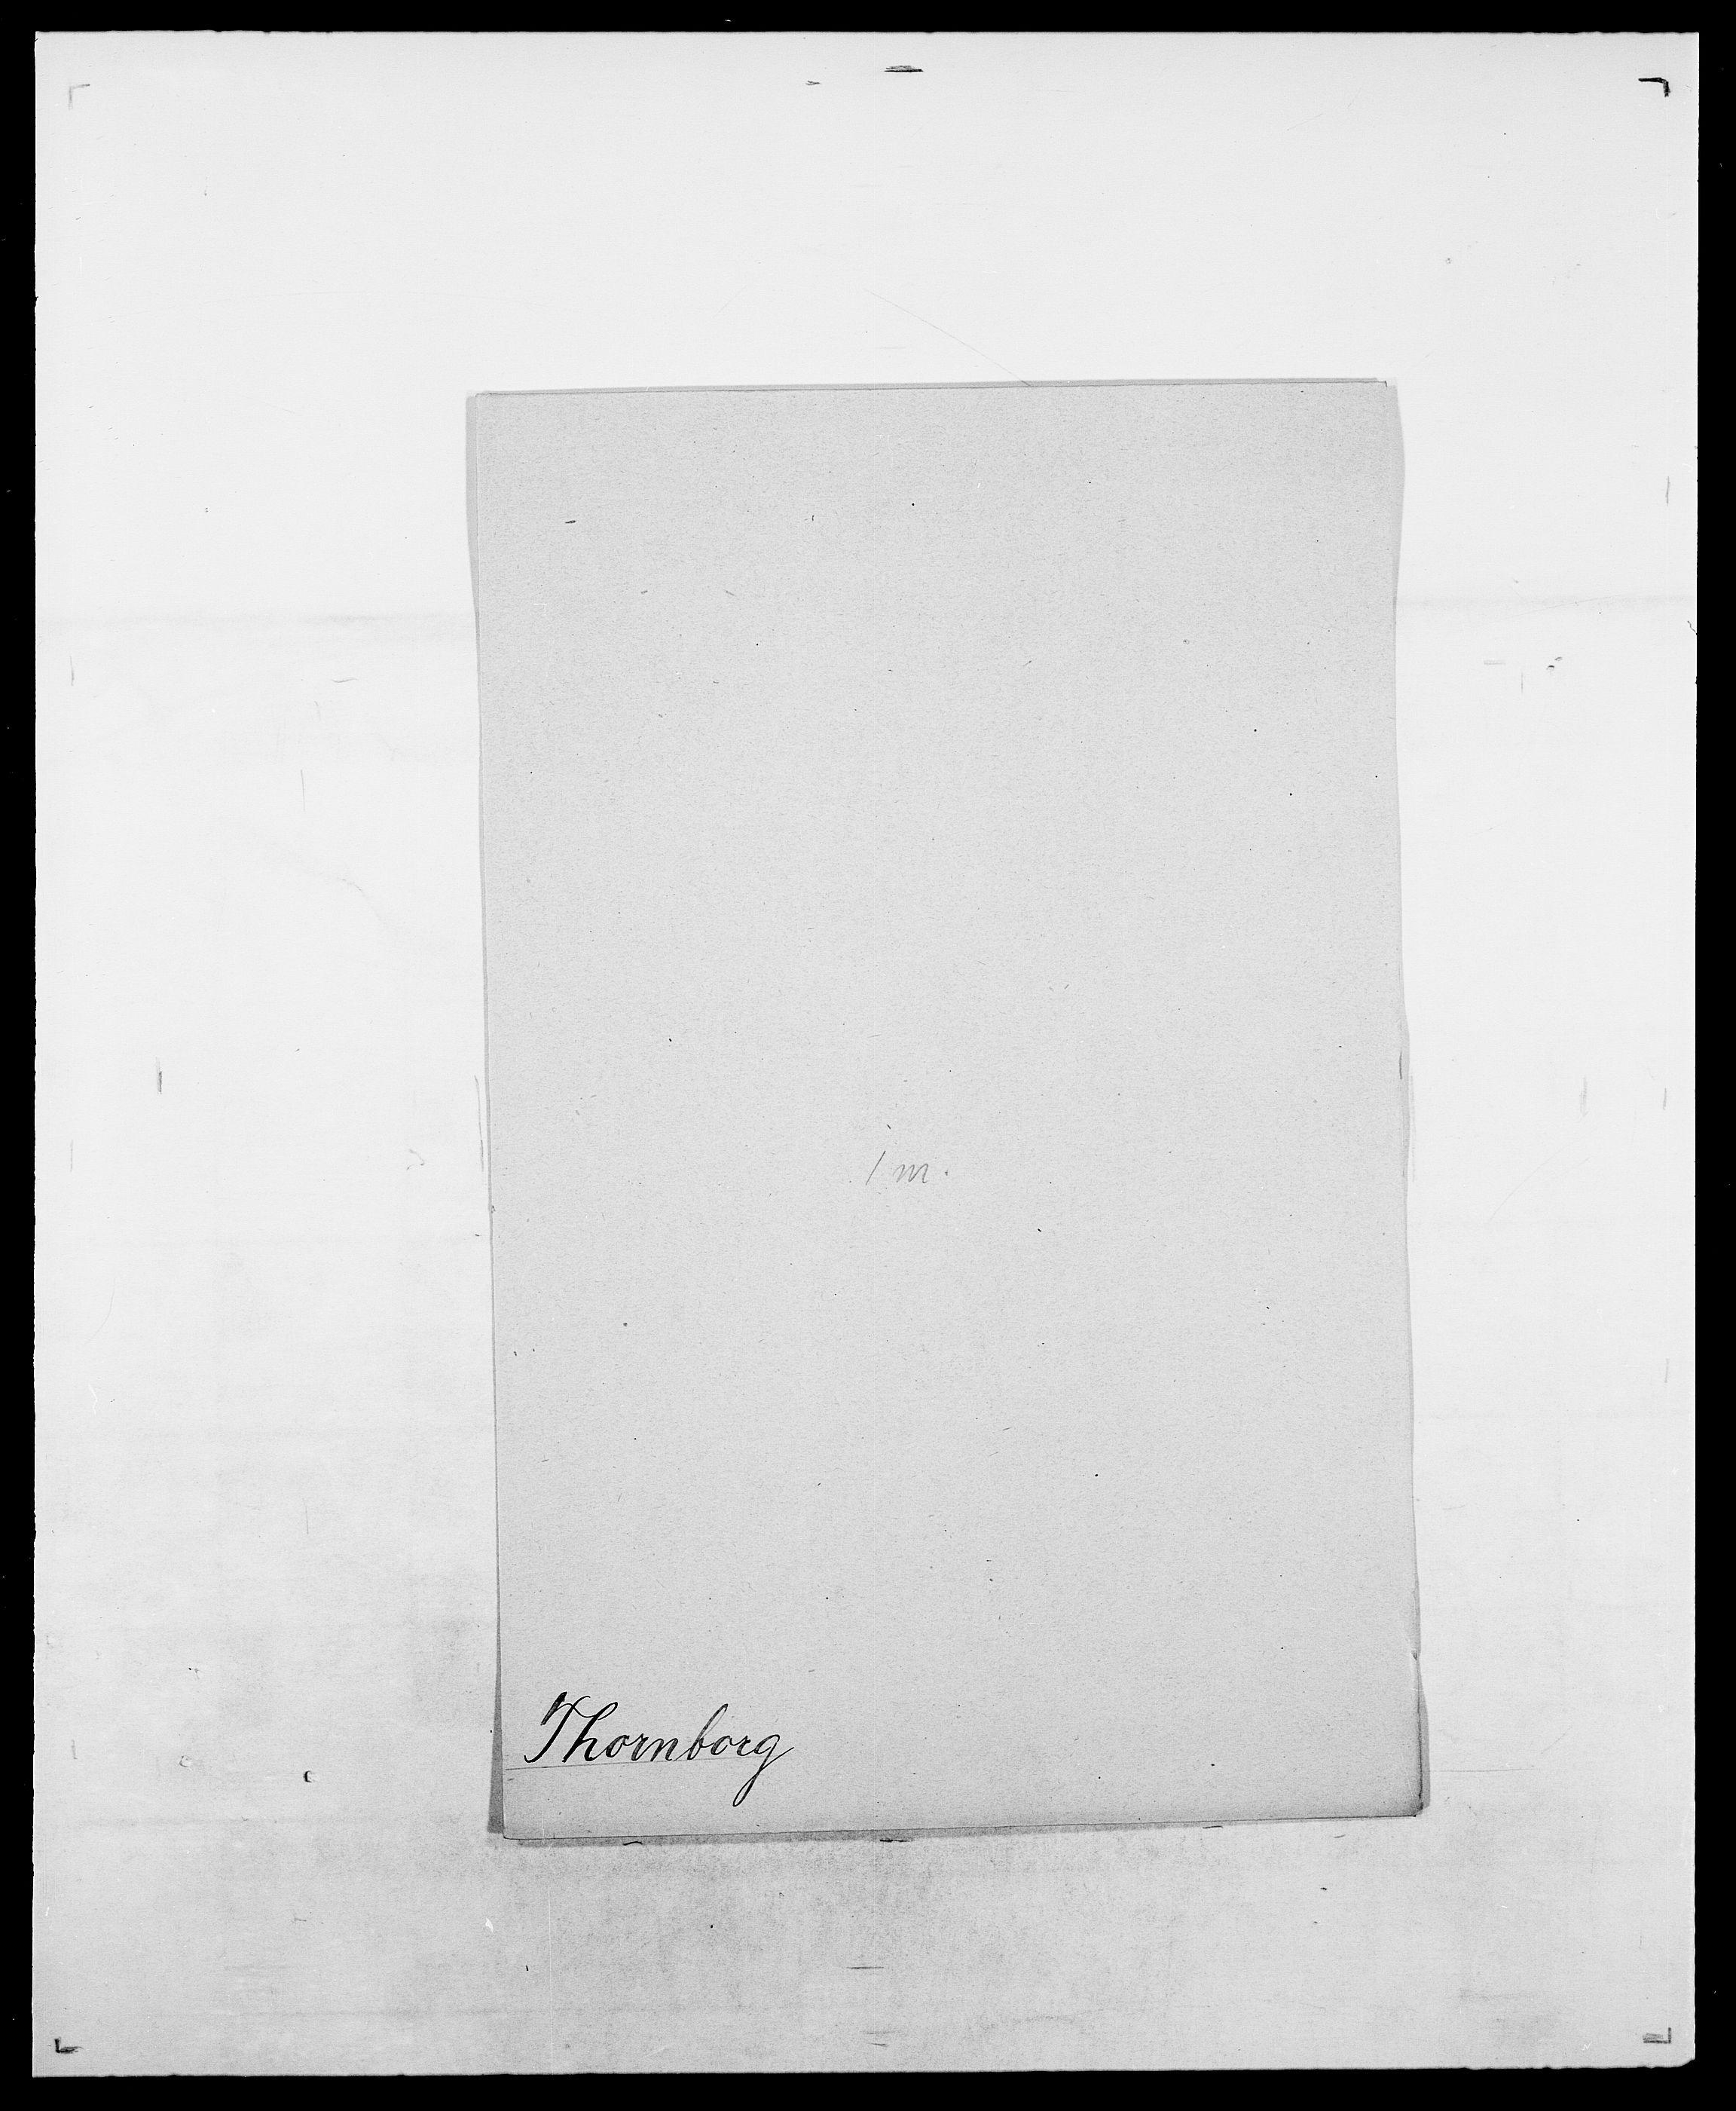 SAO, Delgobe, Charles Antoine - samling, D/Da/L0038: Svanenskjold - Thornsohn, s. 889